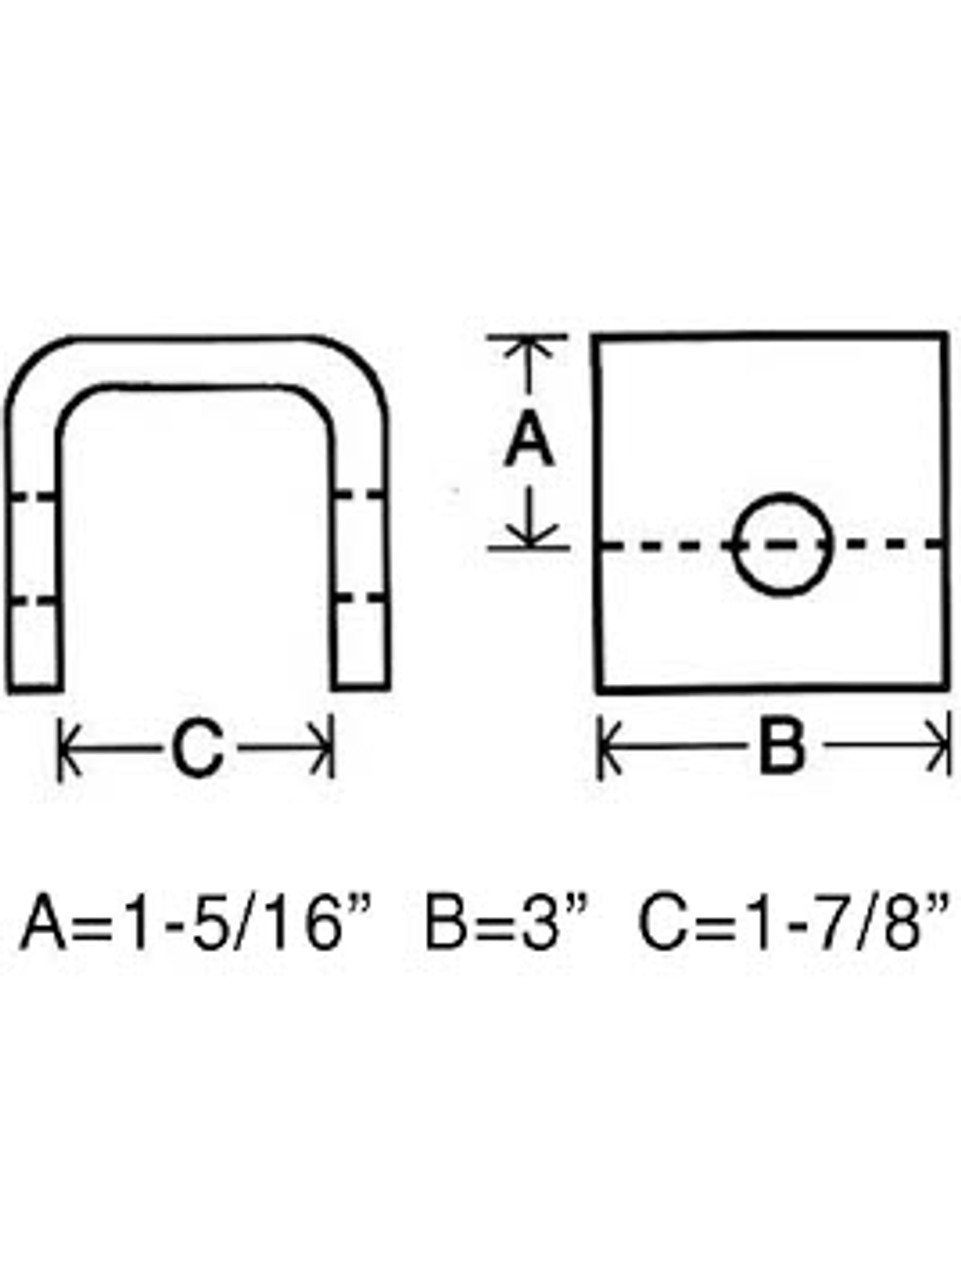 SP134 --- Front or Rear Hanger